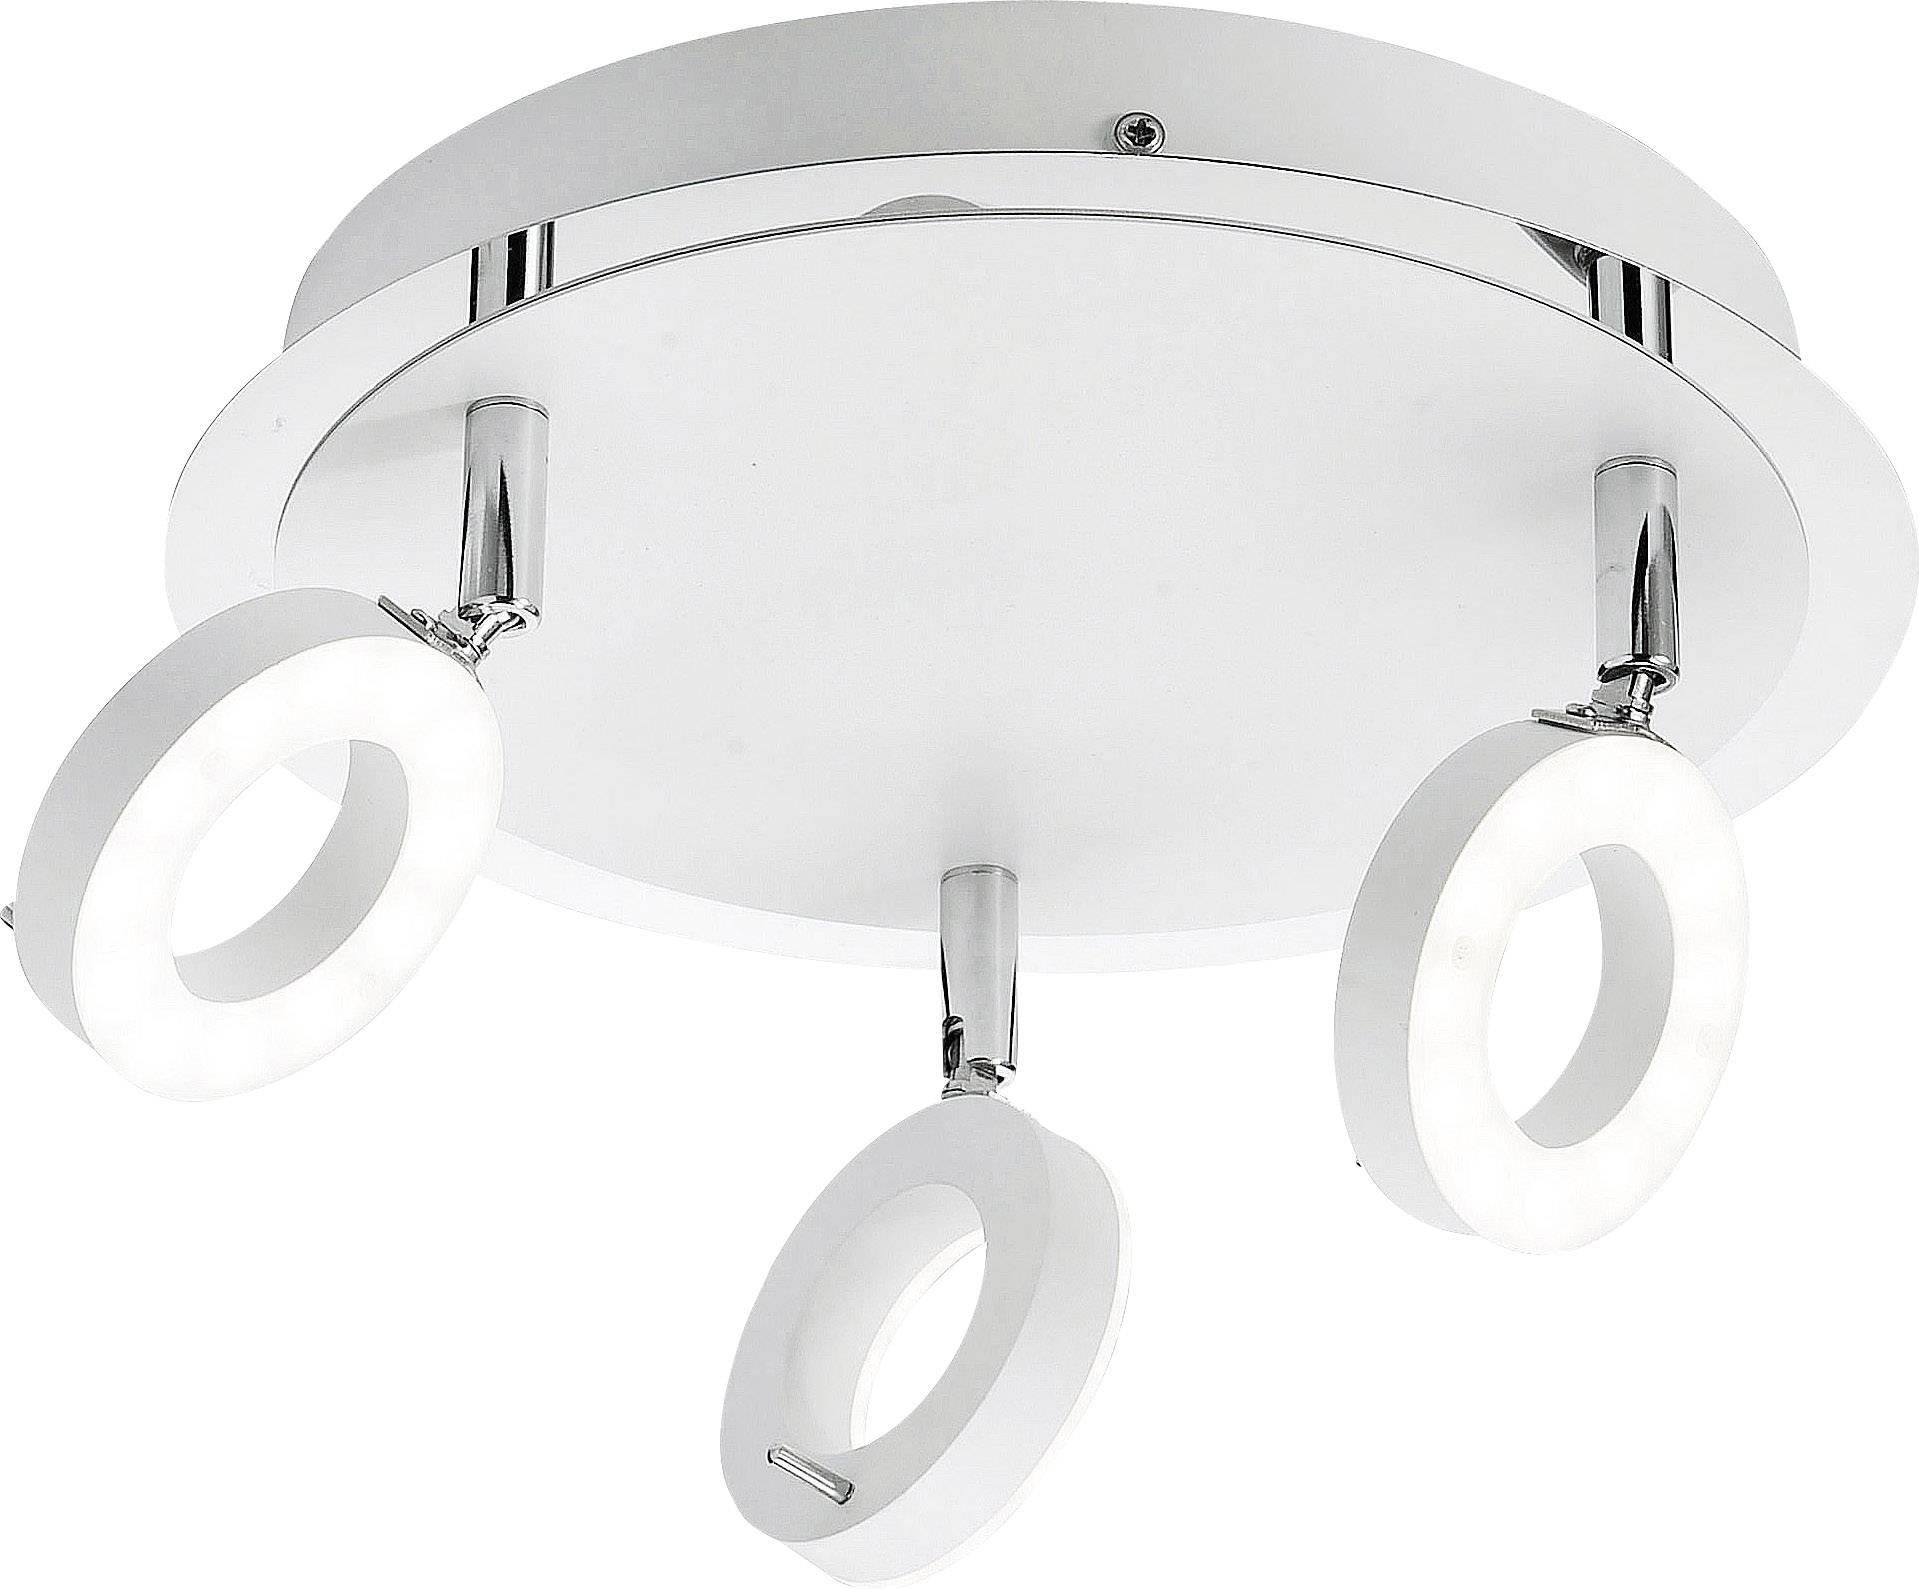 LED koupelnové stropní světlo Paul Neuhaus Sileda 6788-16, 18 W, teplá bílá, bílá